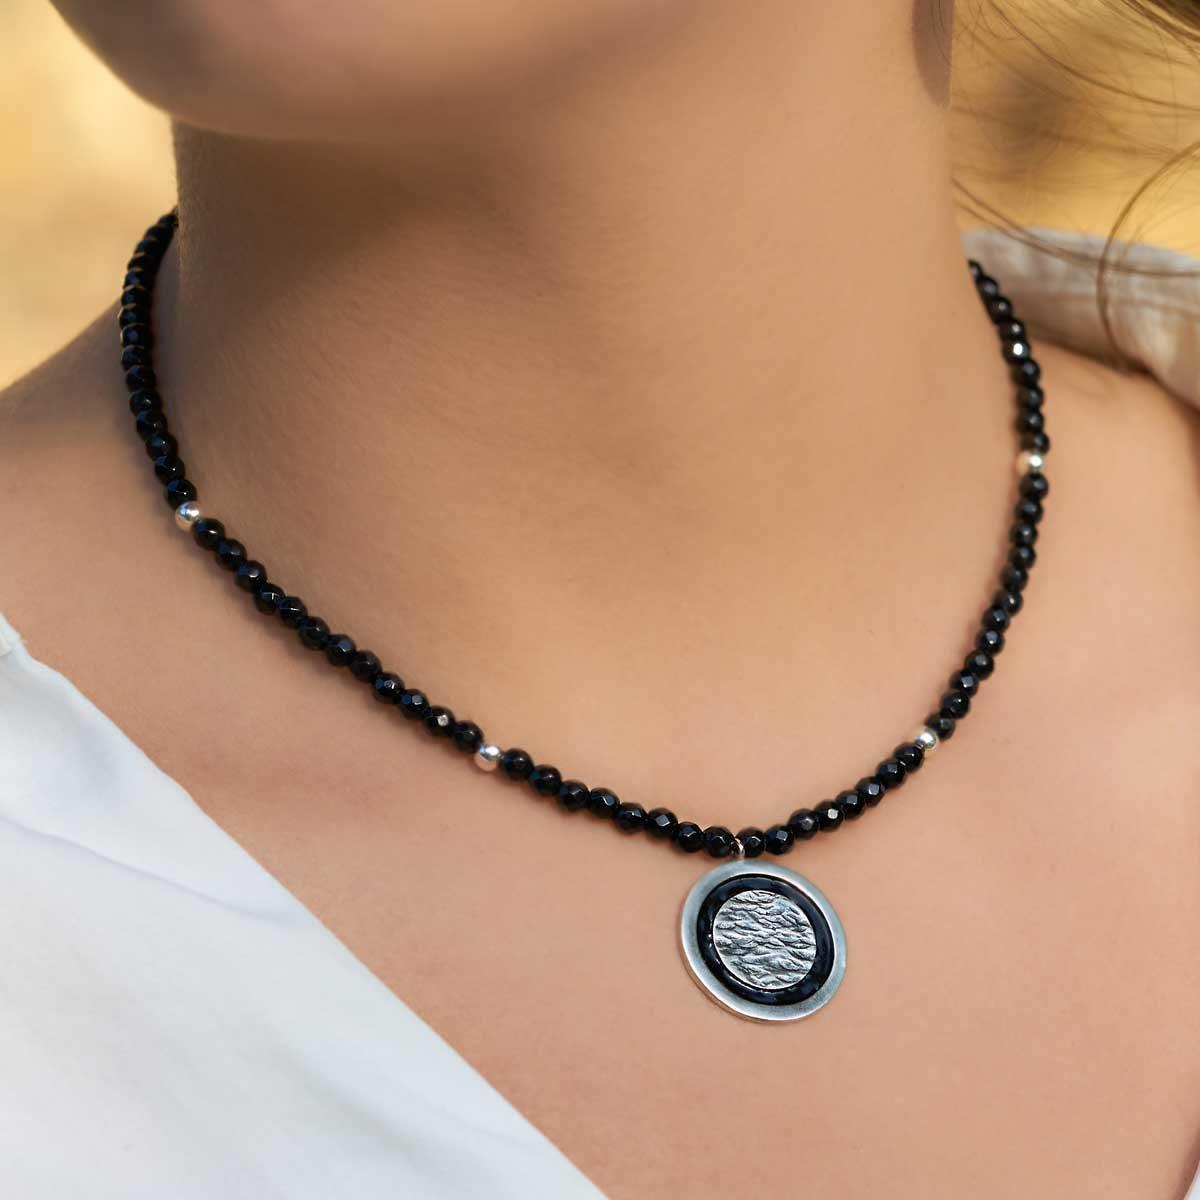 Collar de diseño modelo Lúa, plata, ónix, esmalte al fuego, Joyas Siliva.